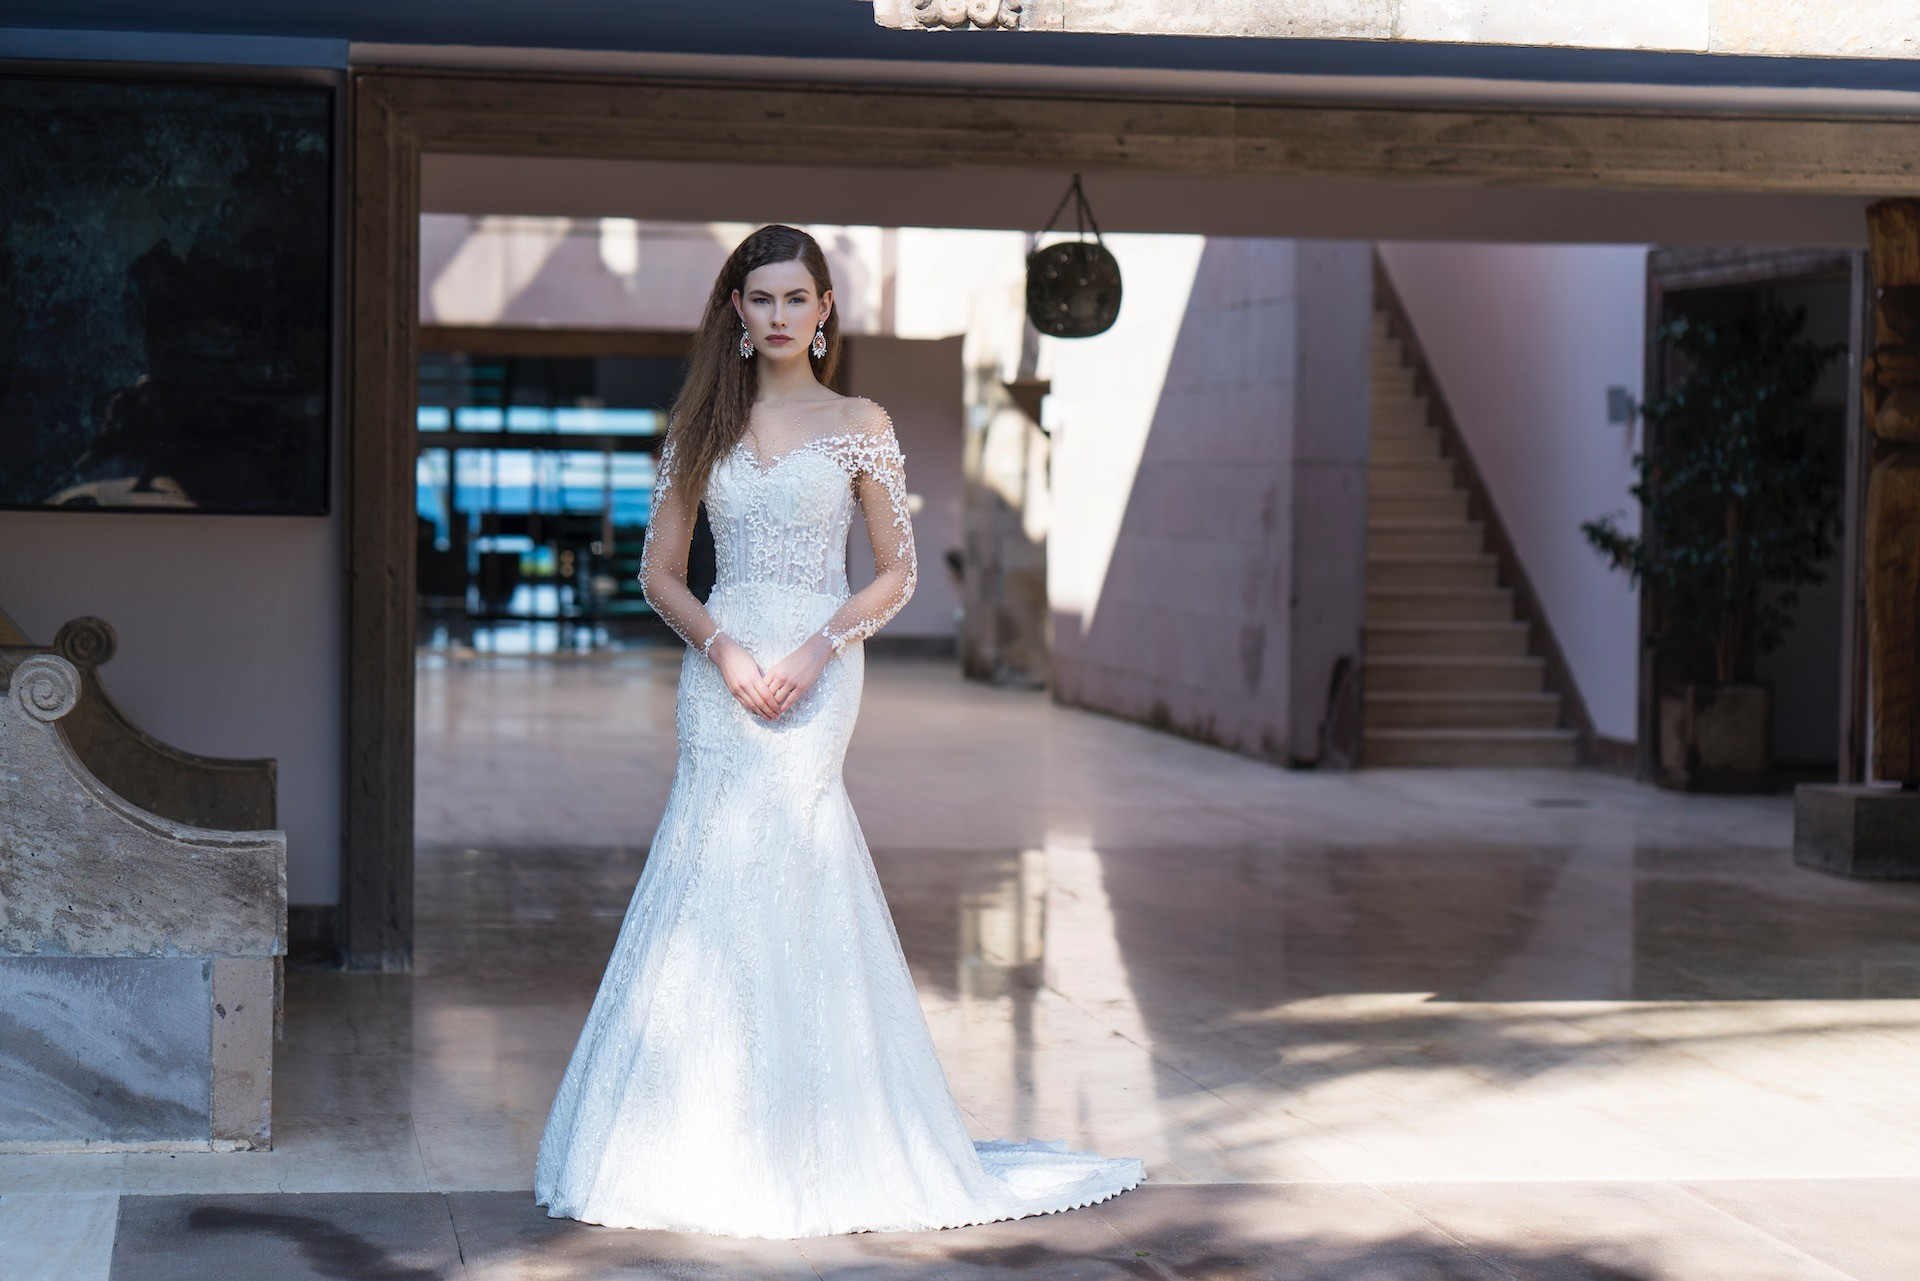 Fit-and-Flare-Brautkleid mit abnehmbarer Schleppe, Illusion-Ausschnitt, Tattoo-Effekt und transparenten Ärmeln von Emine Yildirim, Modell 8053